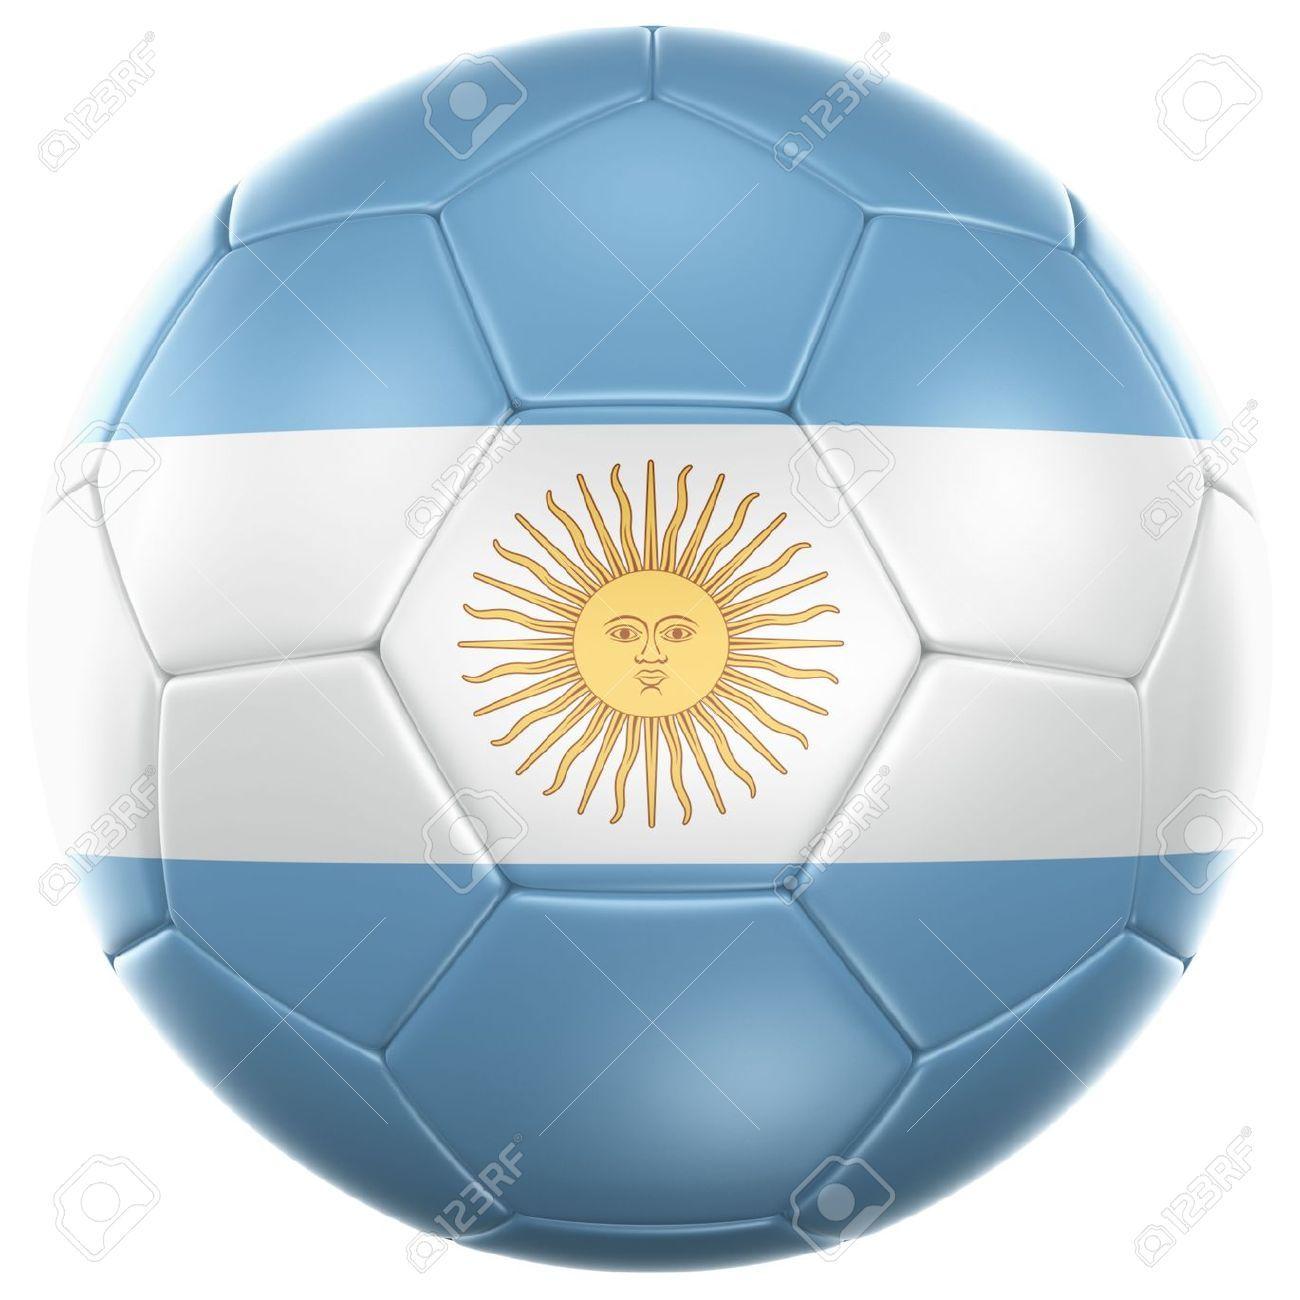 Es balón de fútbol con la bandera Argentina . Es un símbolo del fútbol en  Argentina . El fútbol es un deporte famoso . b2ea8c4b7810b